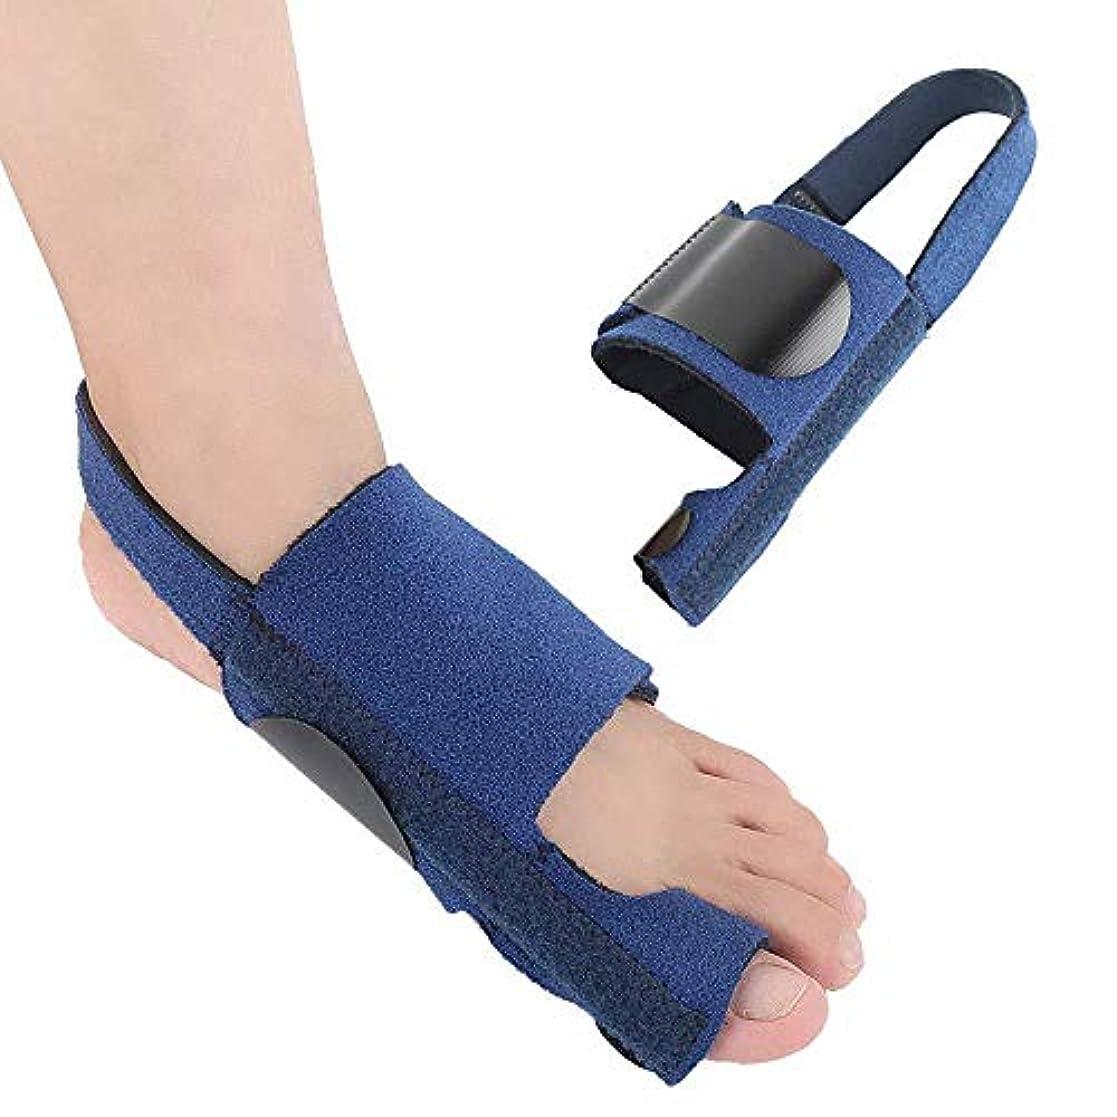 全能放棄平行外反母ortho装具、装具アーチサポートゲル大足矯正スプリント、夜間および昼間の扁平足の痛みの緩和の男性と女性,Right Foot